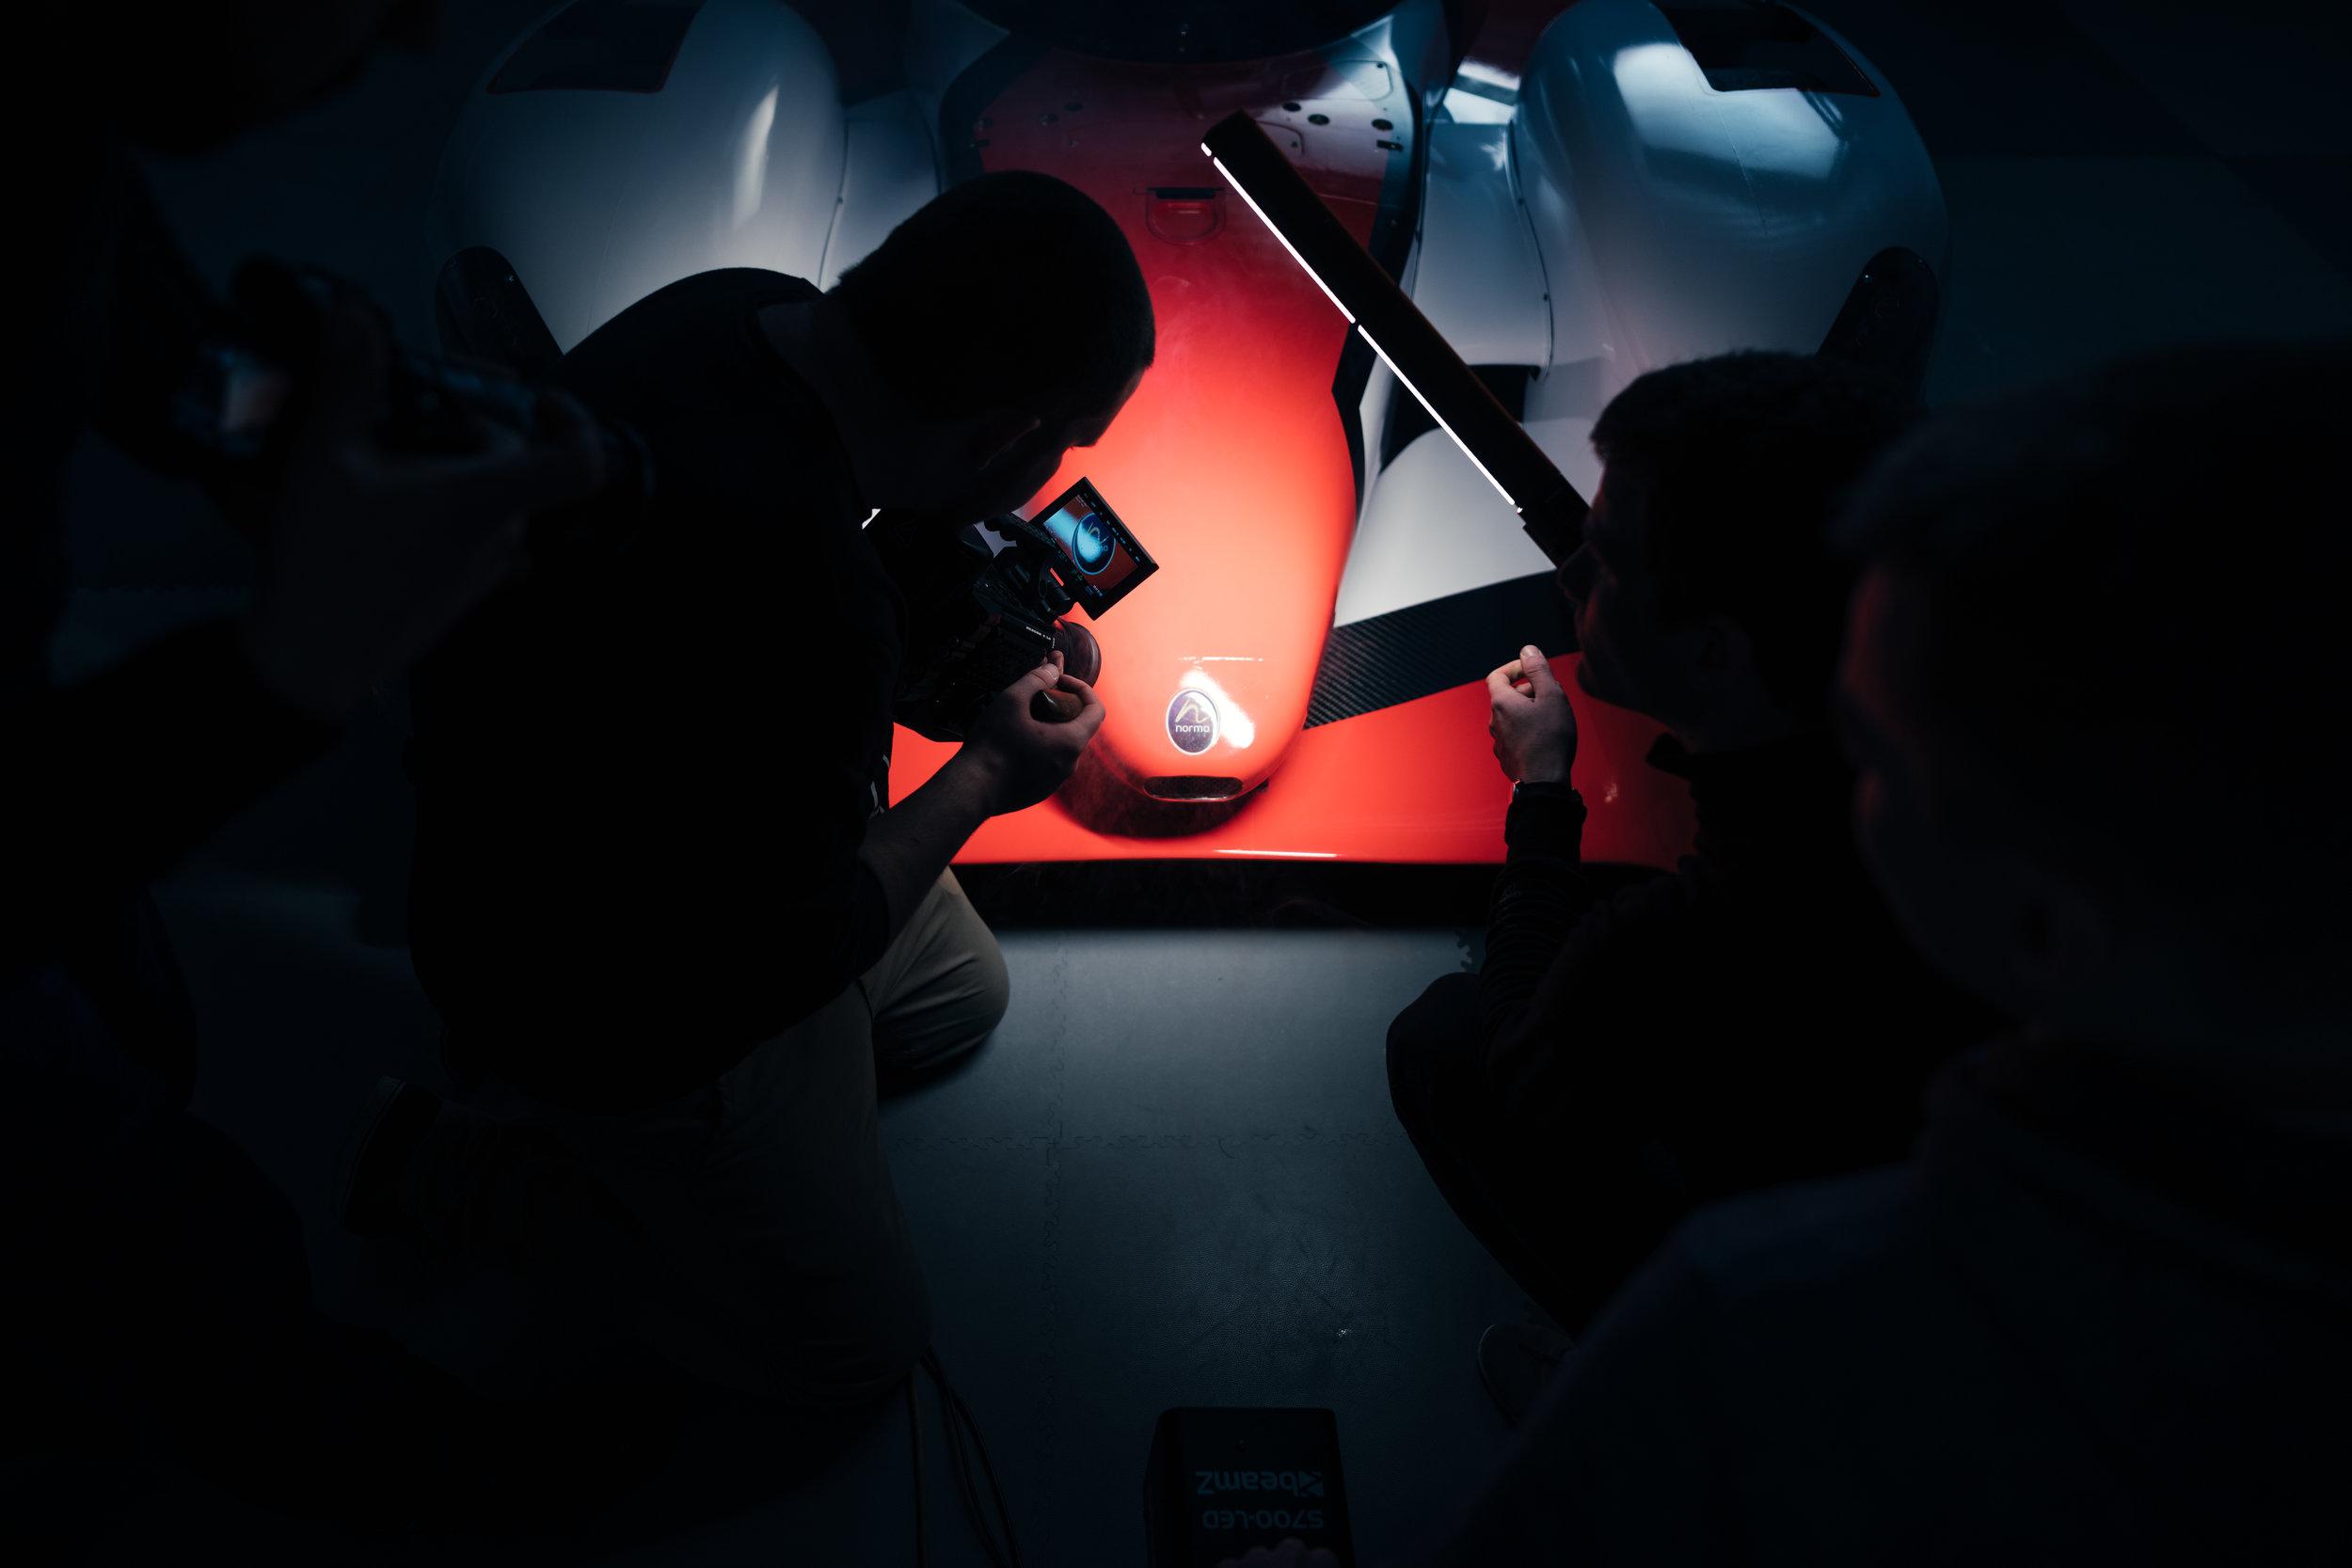 light-red-cameras.jpg